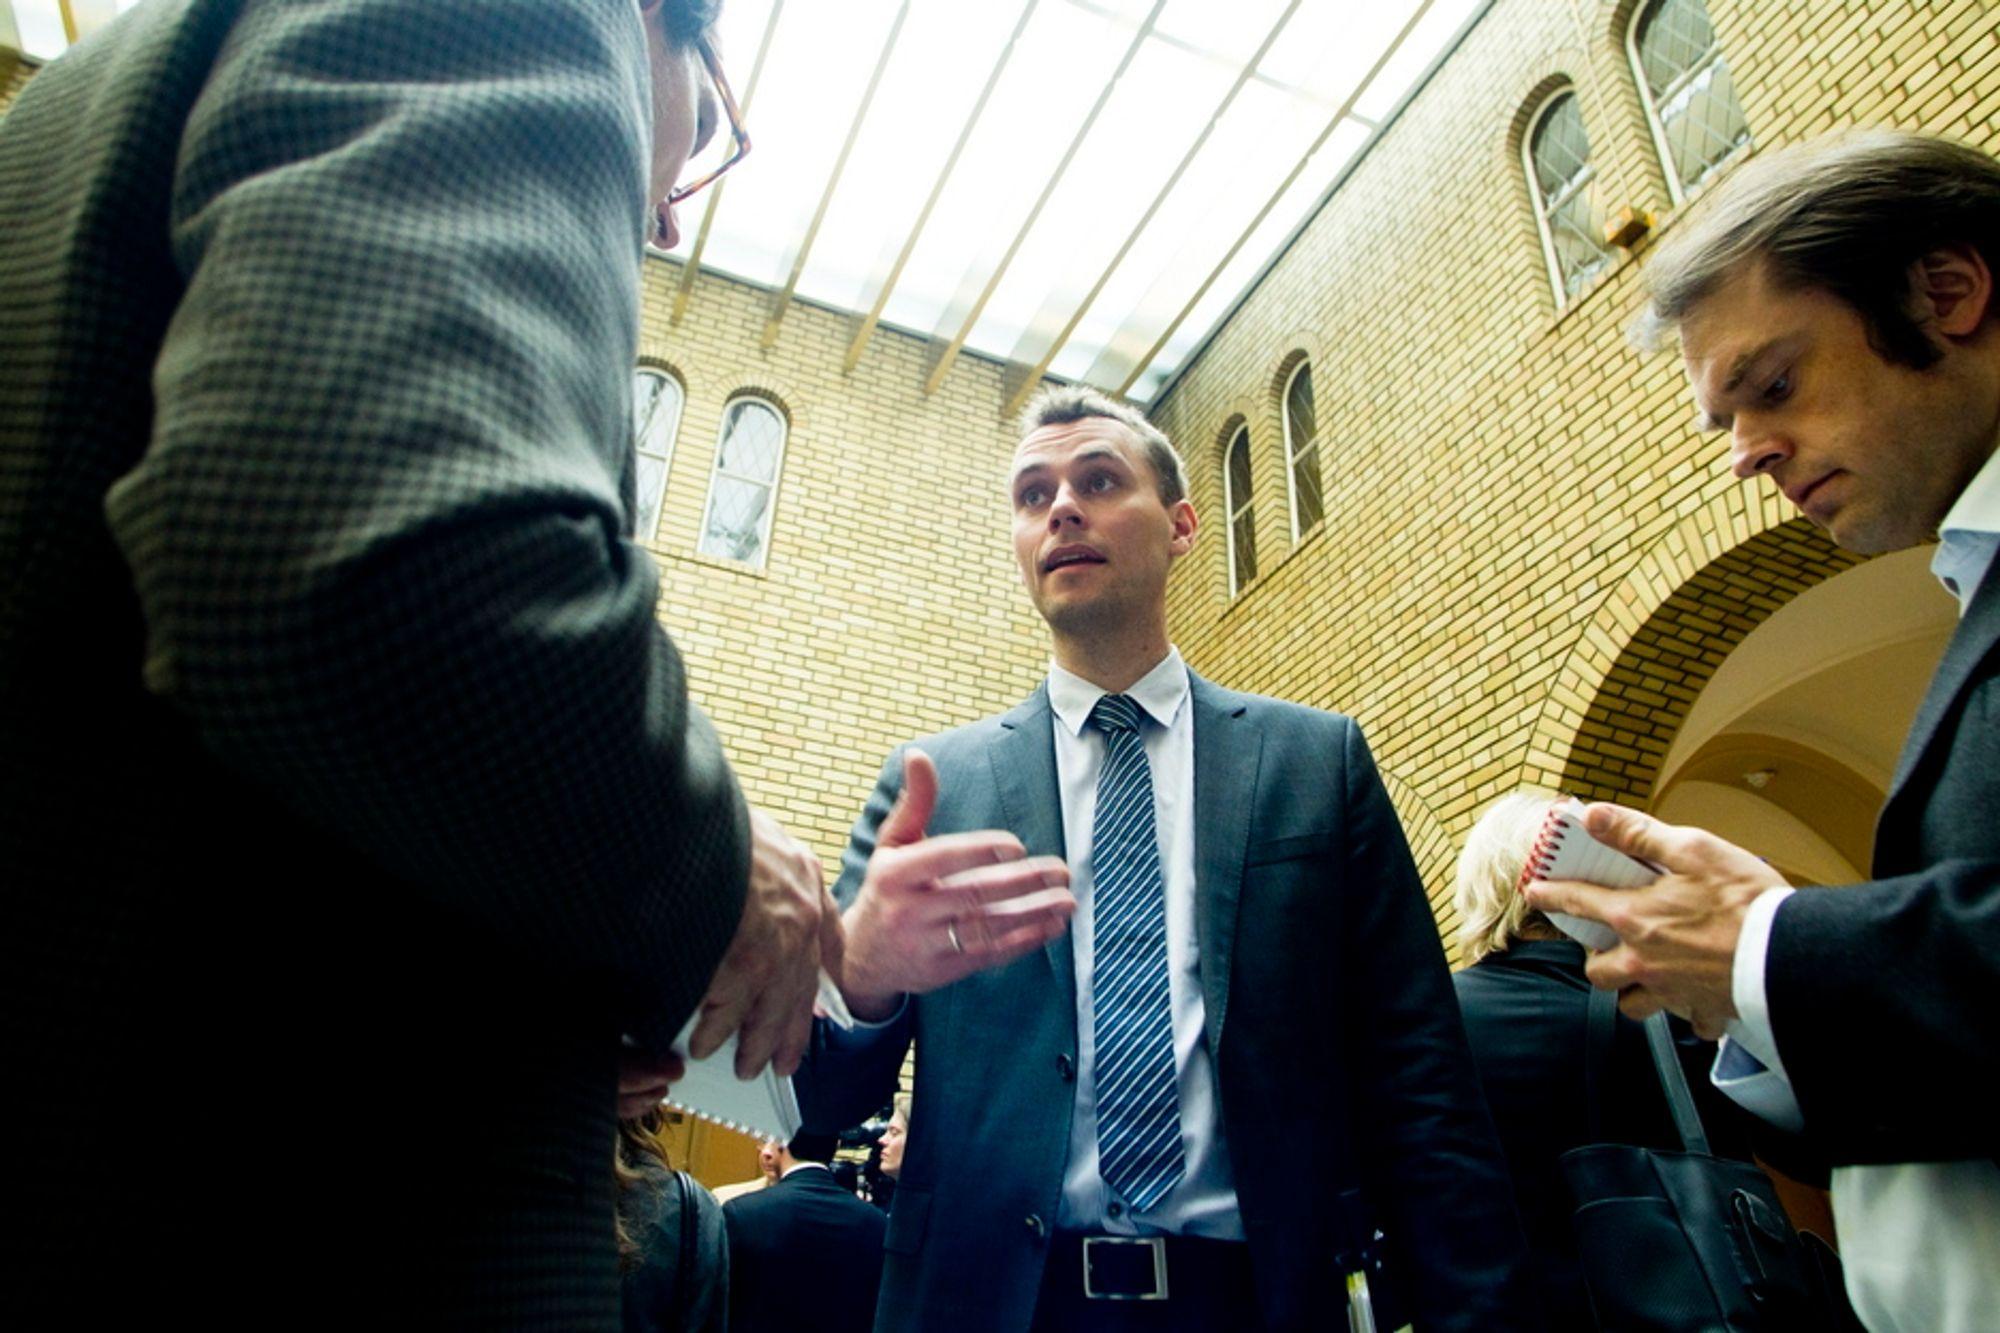 Både nåværende olje- og energiminister Ola Borten Moe og hans forgjenger Terje Riis-Johansen har forsøkt å skjule at EU vil svekke distriktsprofilen i oljeloven.